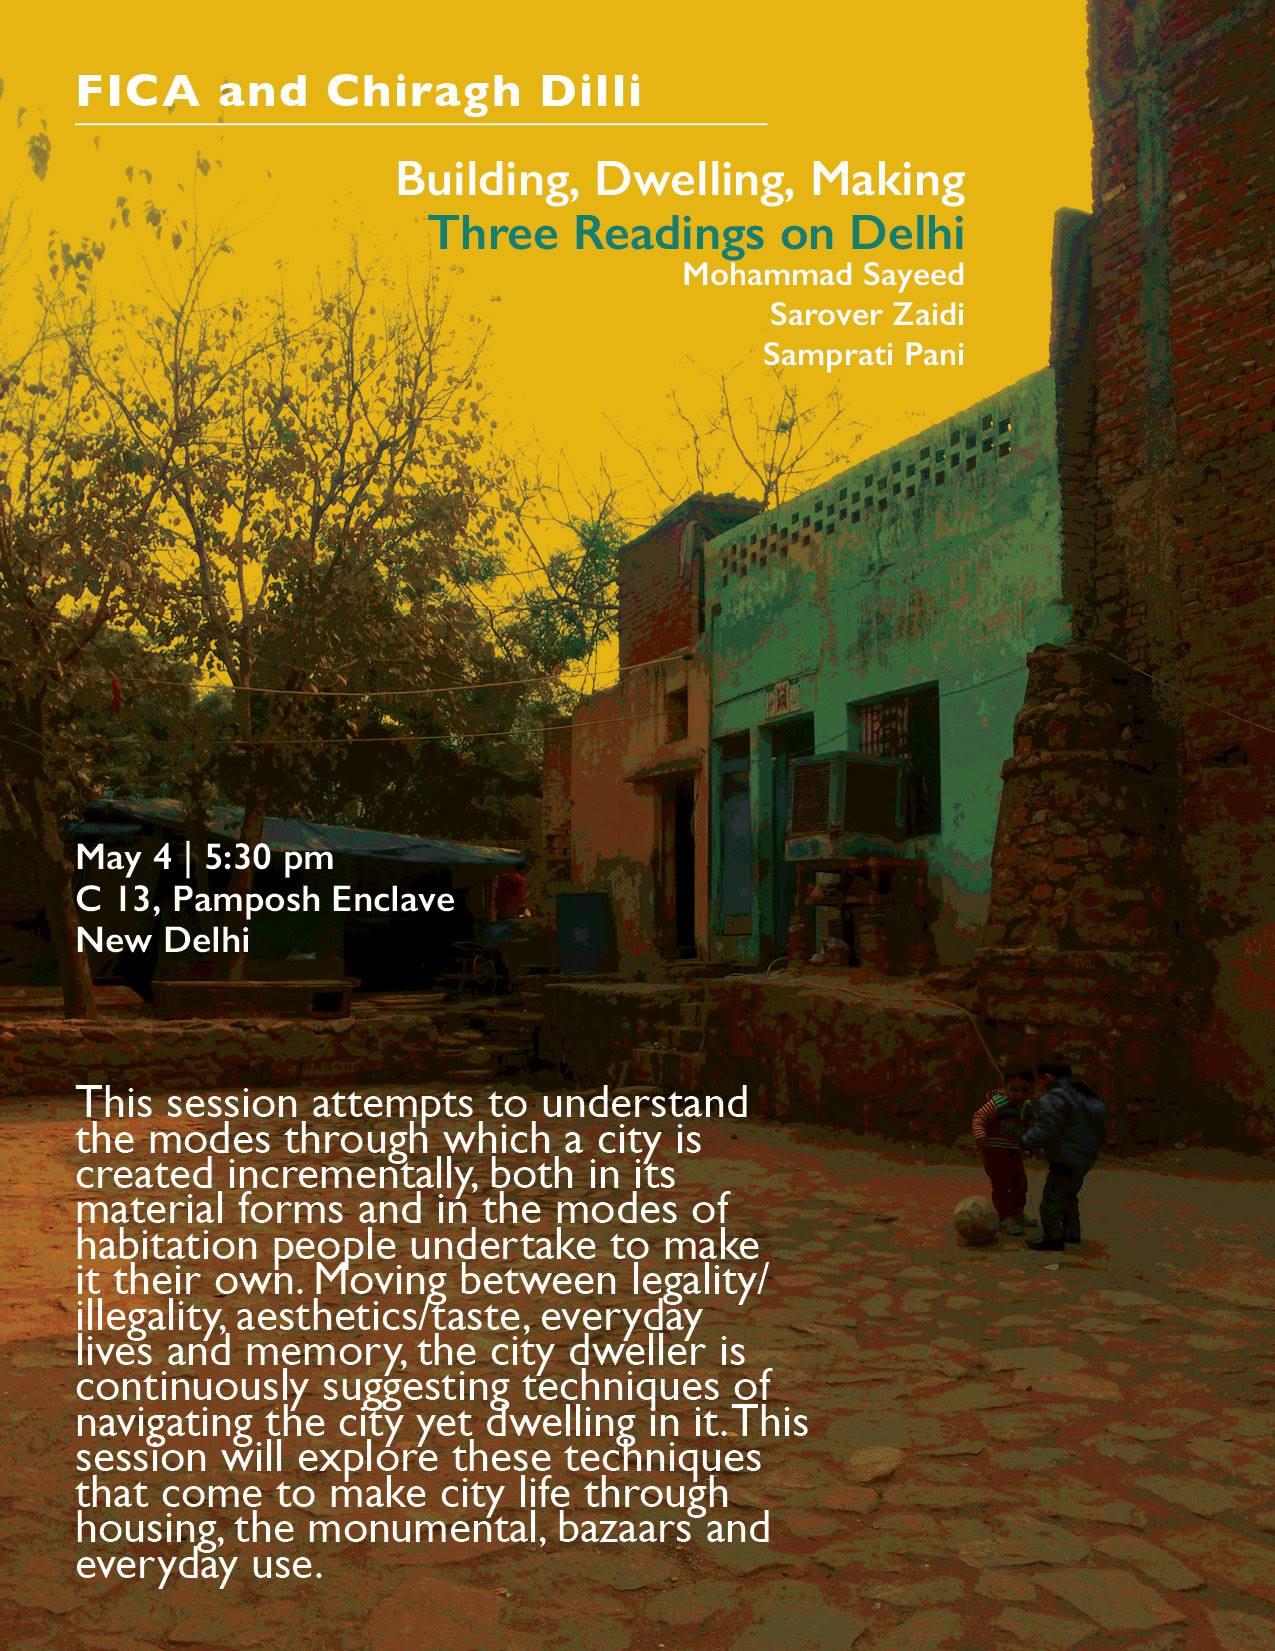 Image: Poster by Samprati Pani